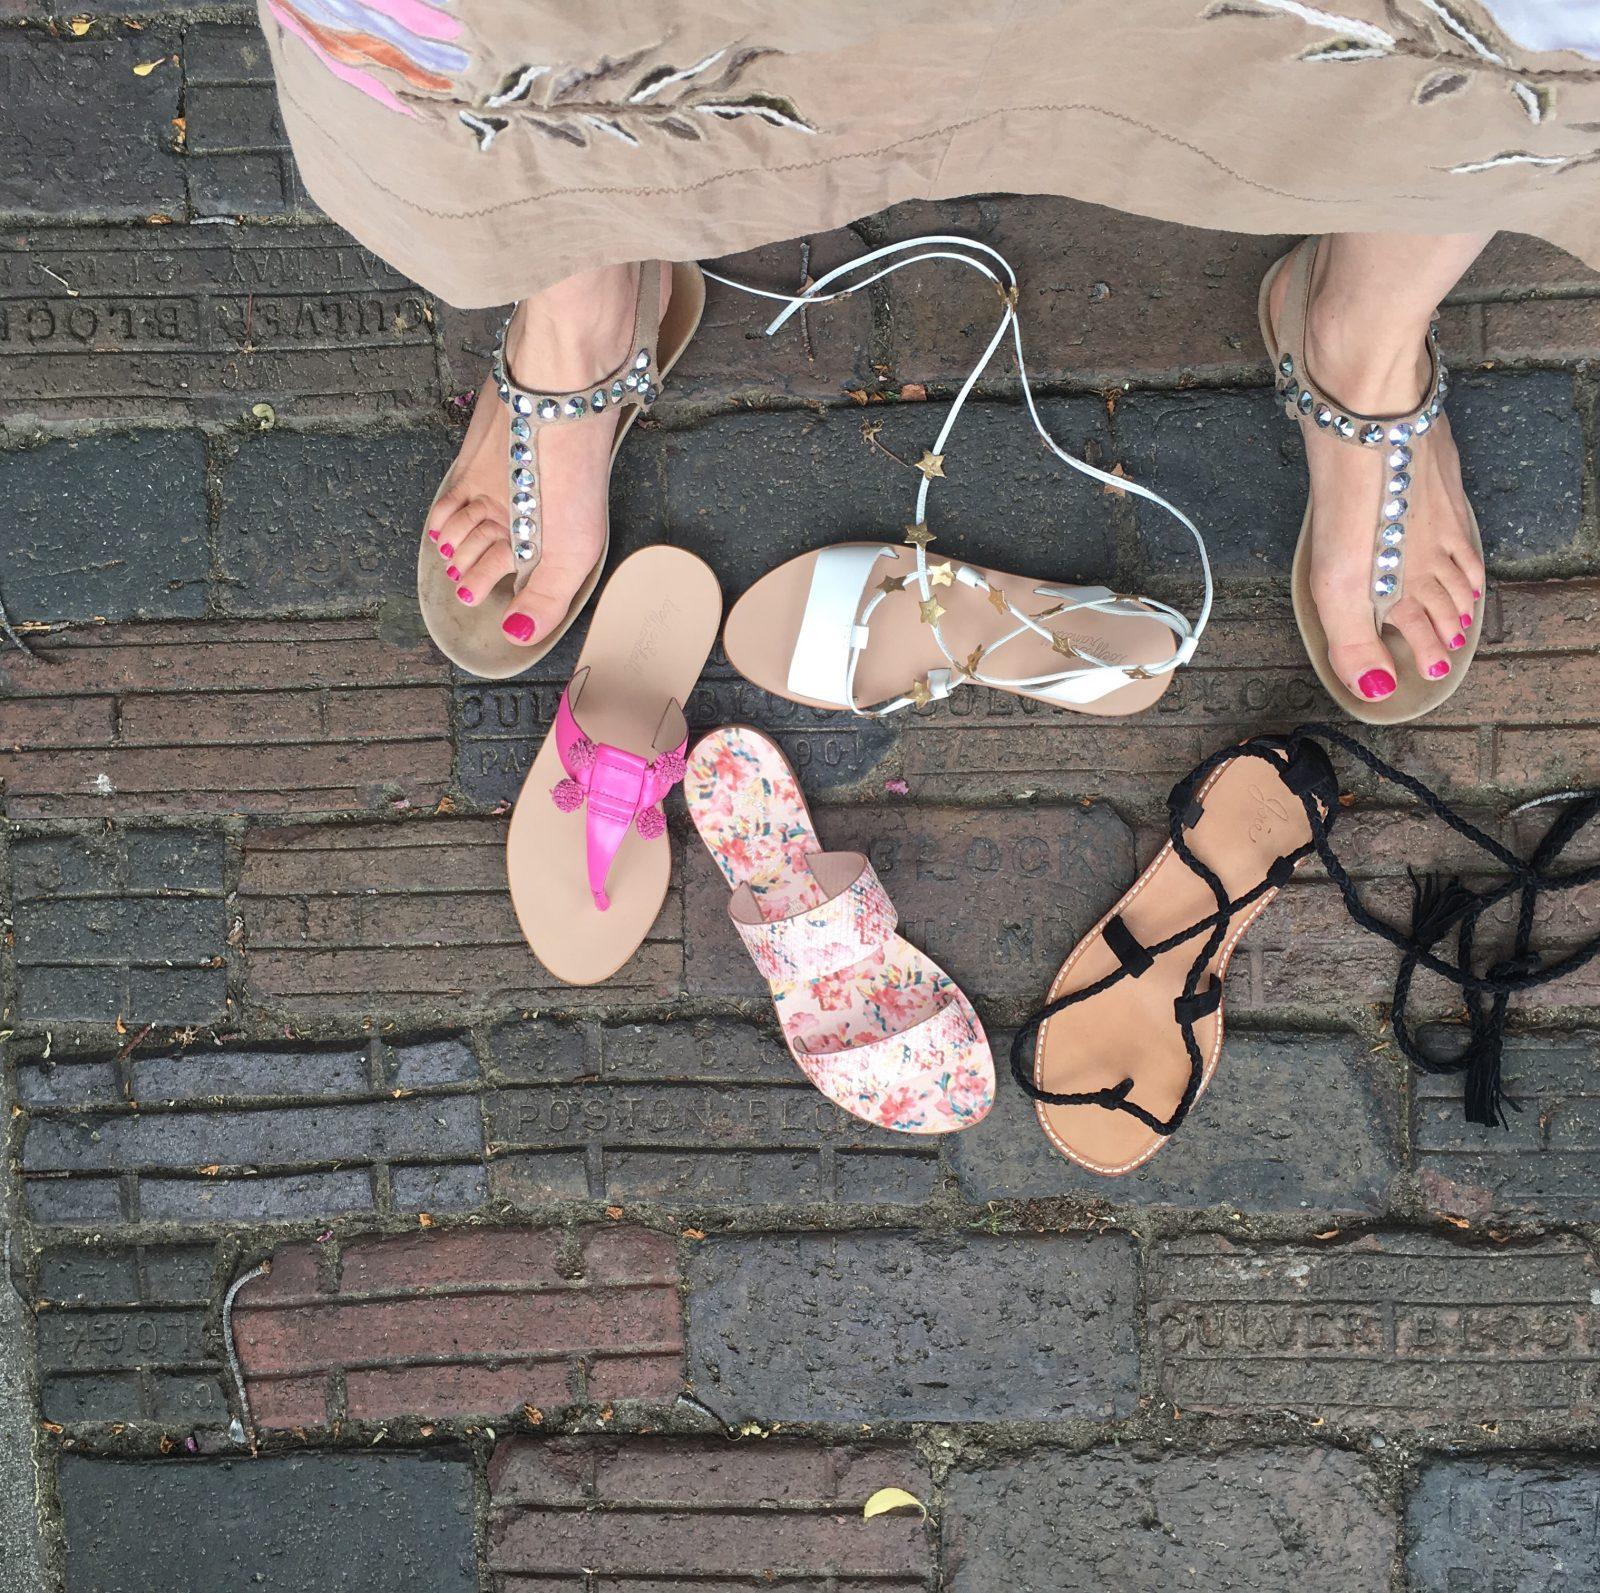 Joie, Loeffler Randall Designer Sandals